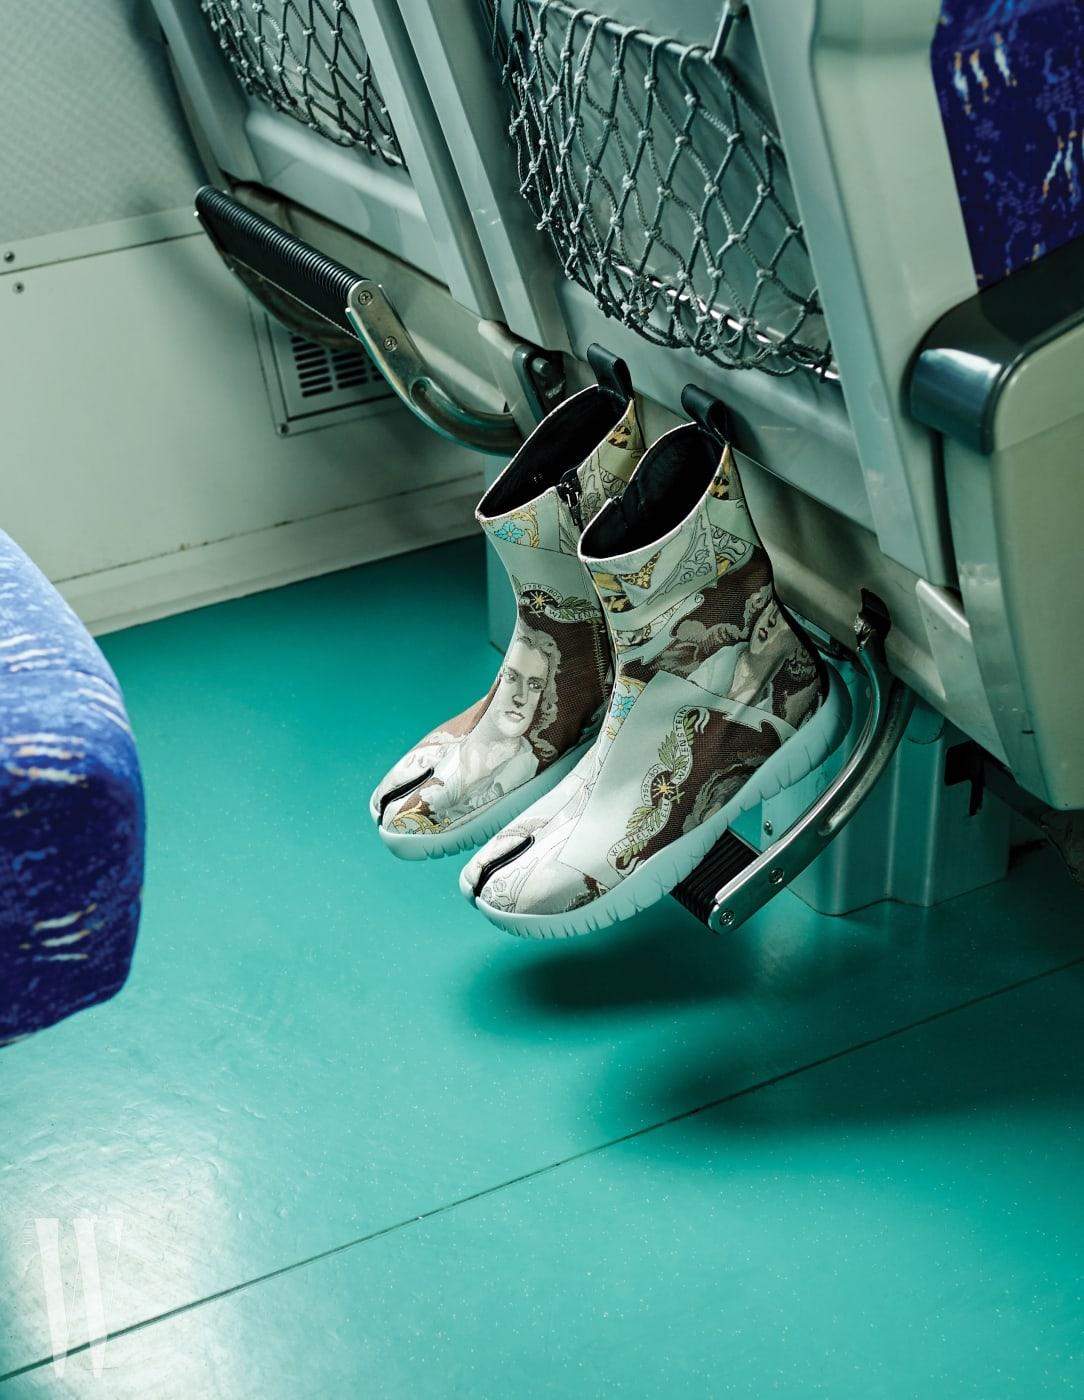 5. 팝아트적인 자수가 놓인 타비 스니커즈는 메종 마르지엘라 제품. 1백27만원.